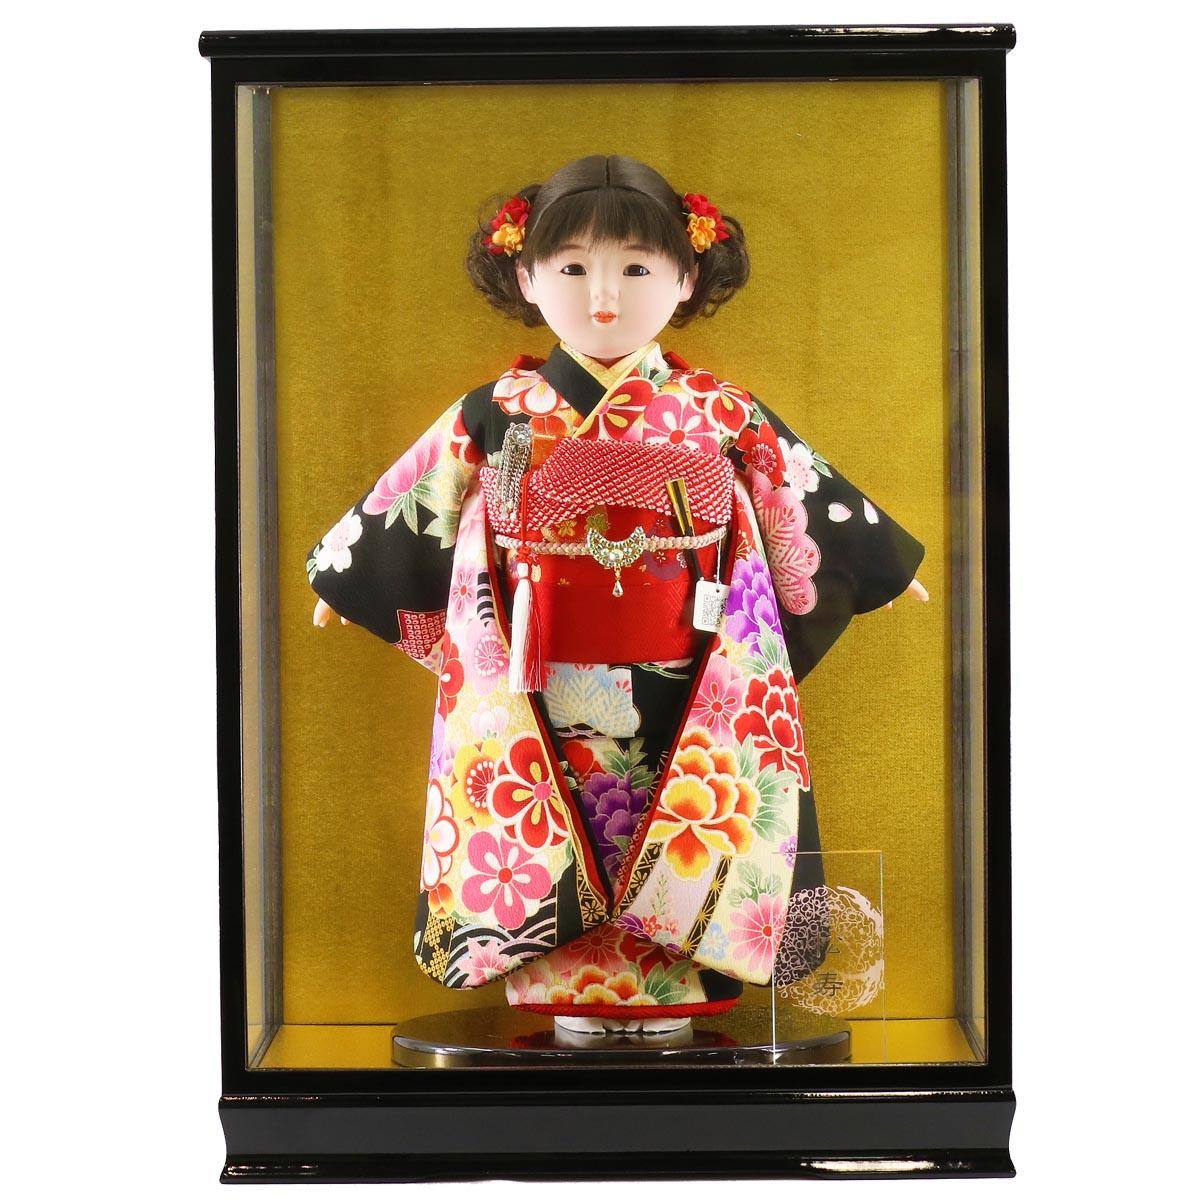 雛人形 松寿 コンパクト 市松人形 松寿作 市松人形 京友禅 黒 ケース入り (HB9) 市松 ICMY-BC26017-42-C (HB9)ひな人形 かわいい おしゃれ インテリア ひな人形 小さい ミニ